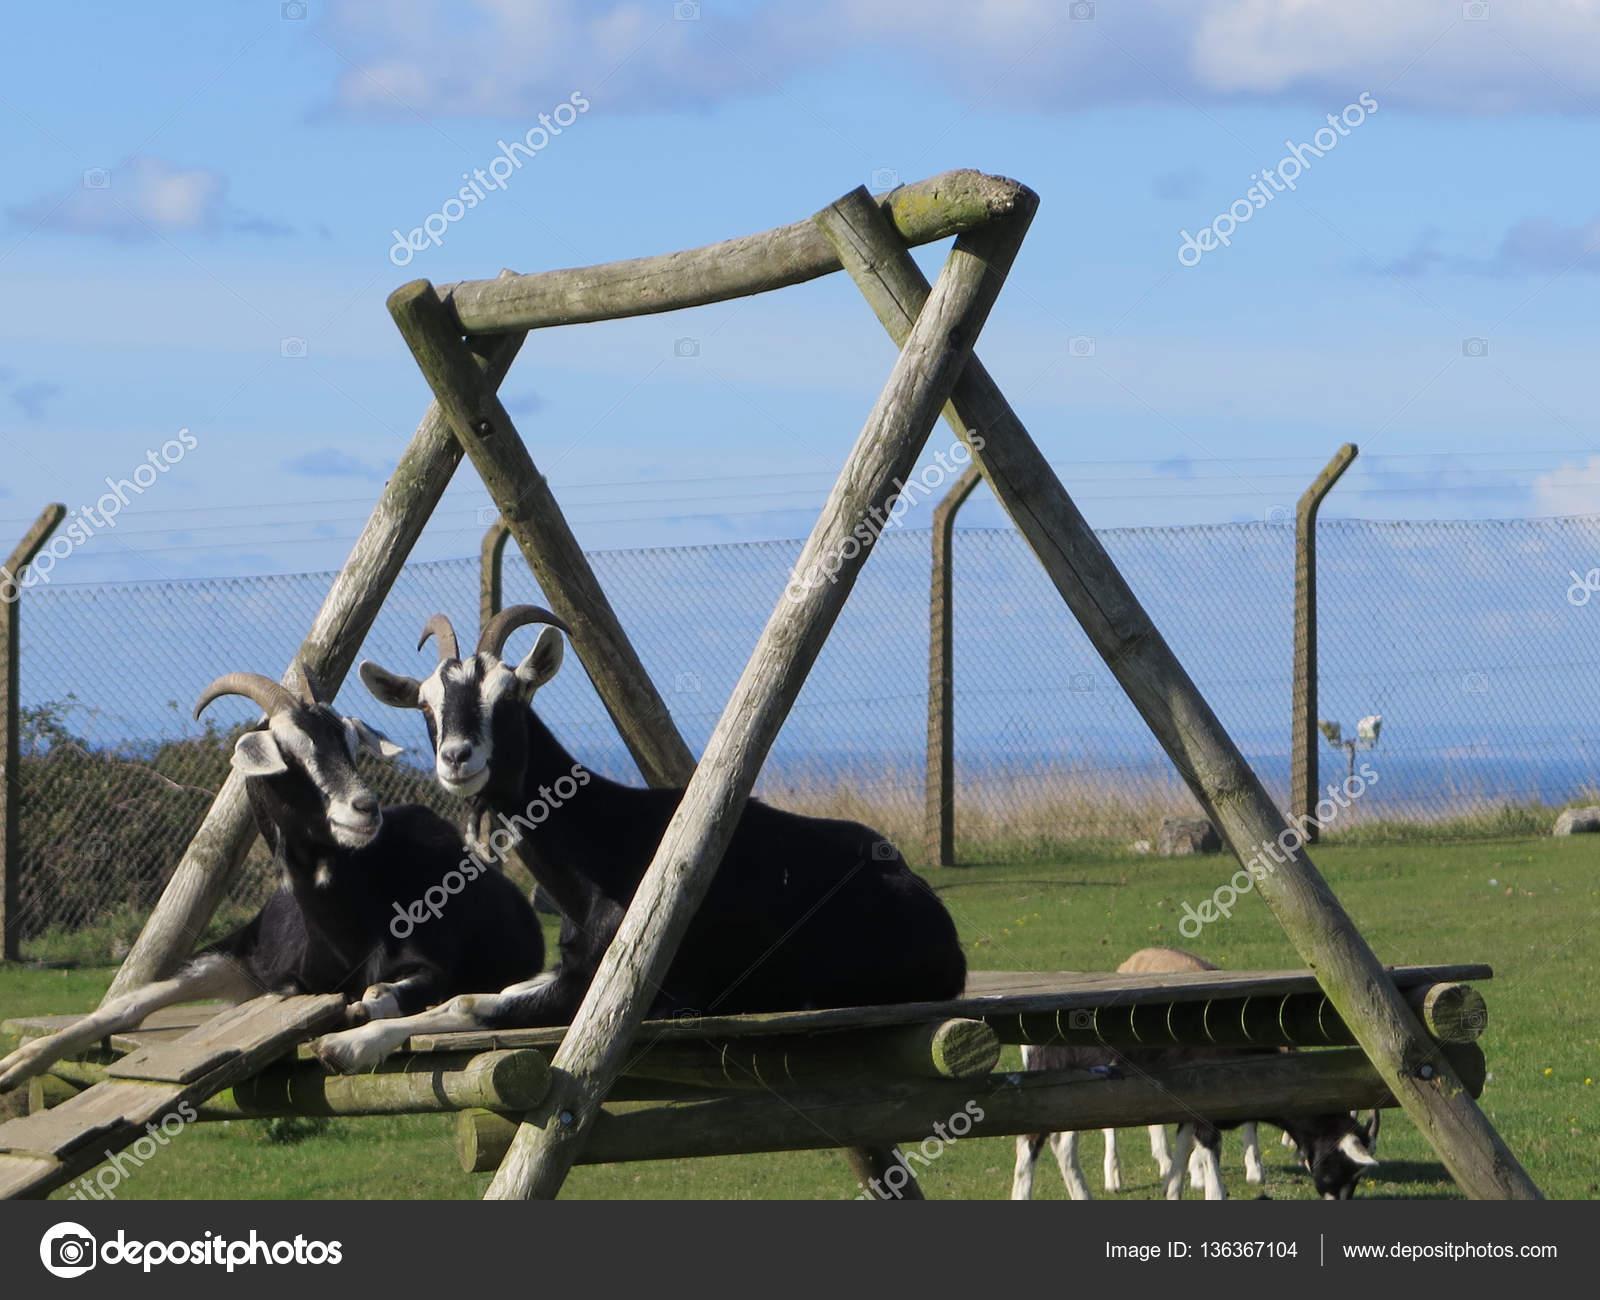 Klettergerüst Ziegen : Ziegen auf klettergerüst u stockfoto johnnywalker